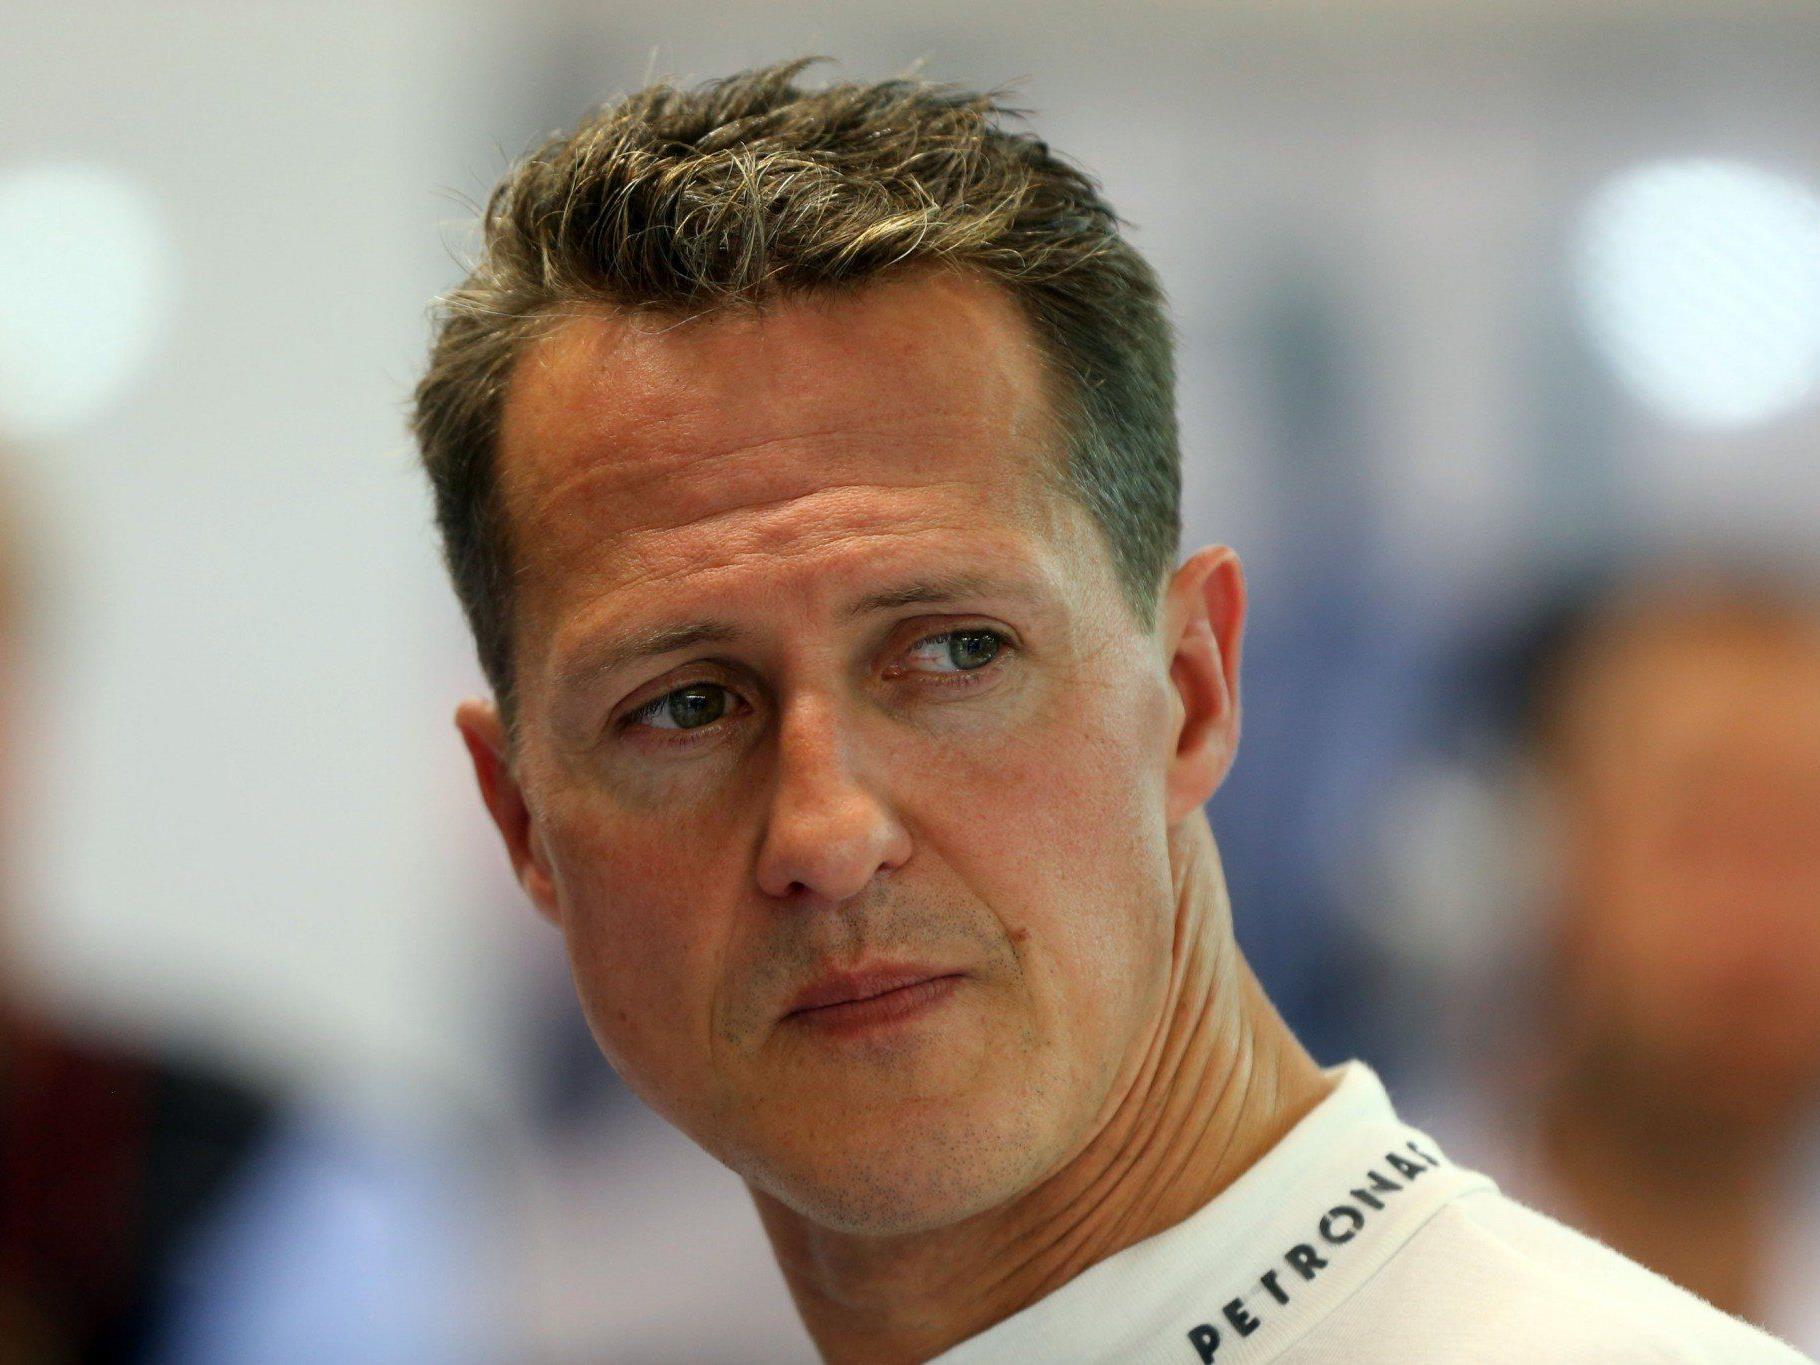 Anhaltende Sorge um Michael Schumacher